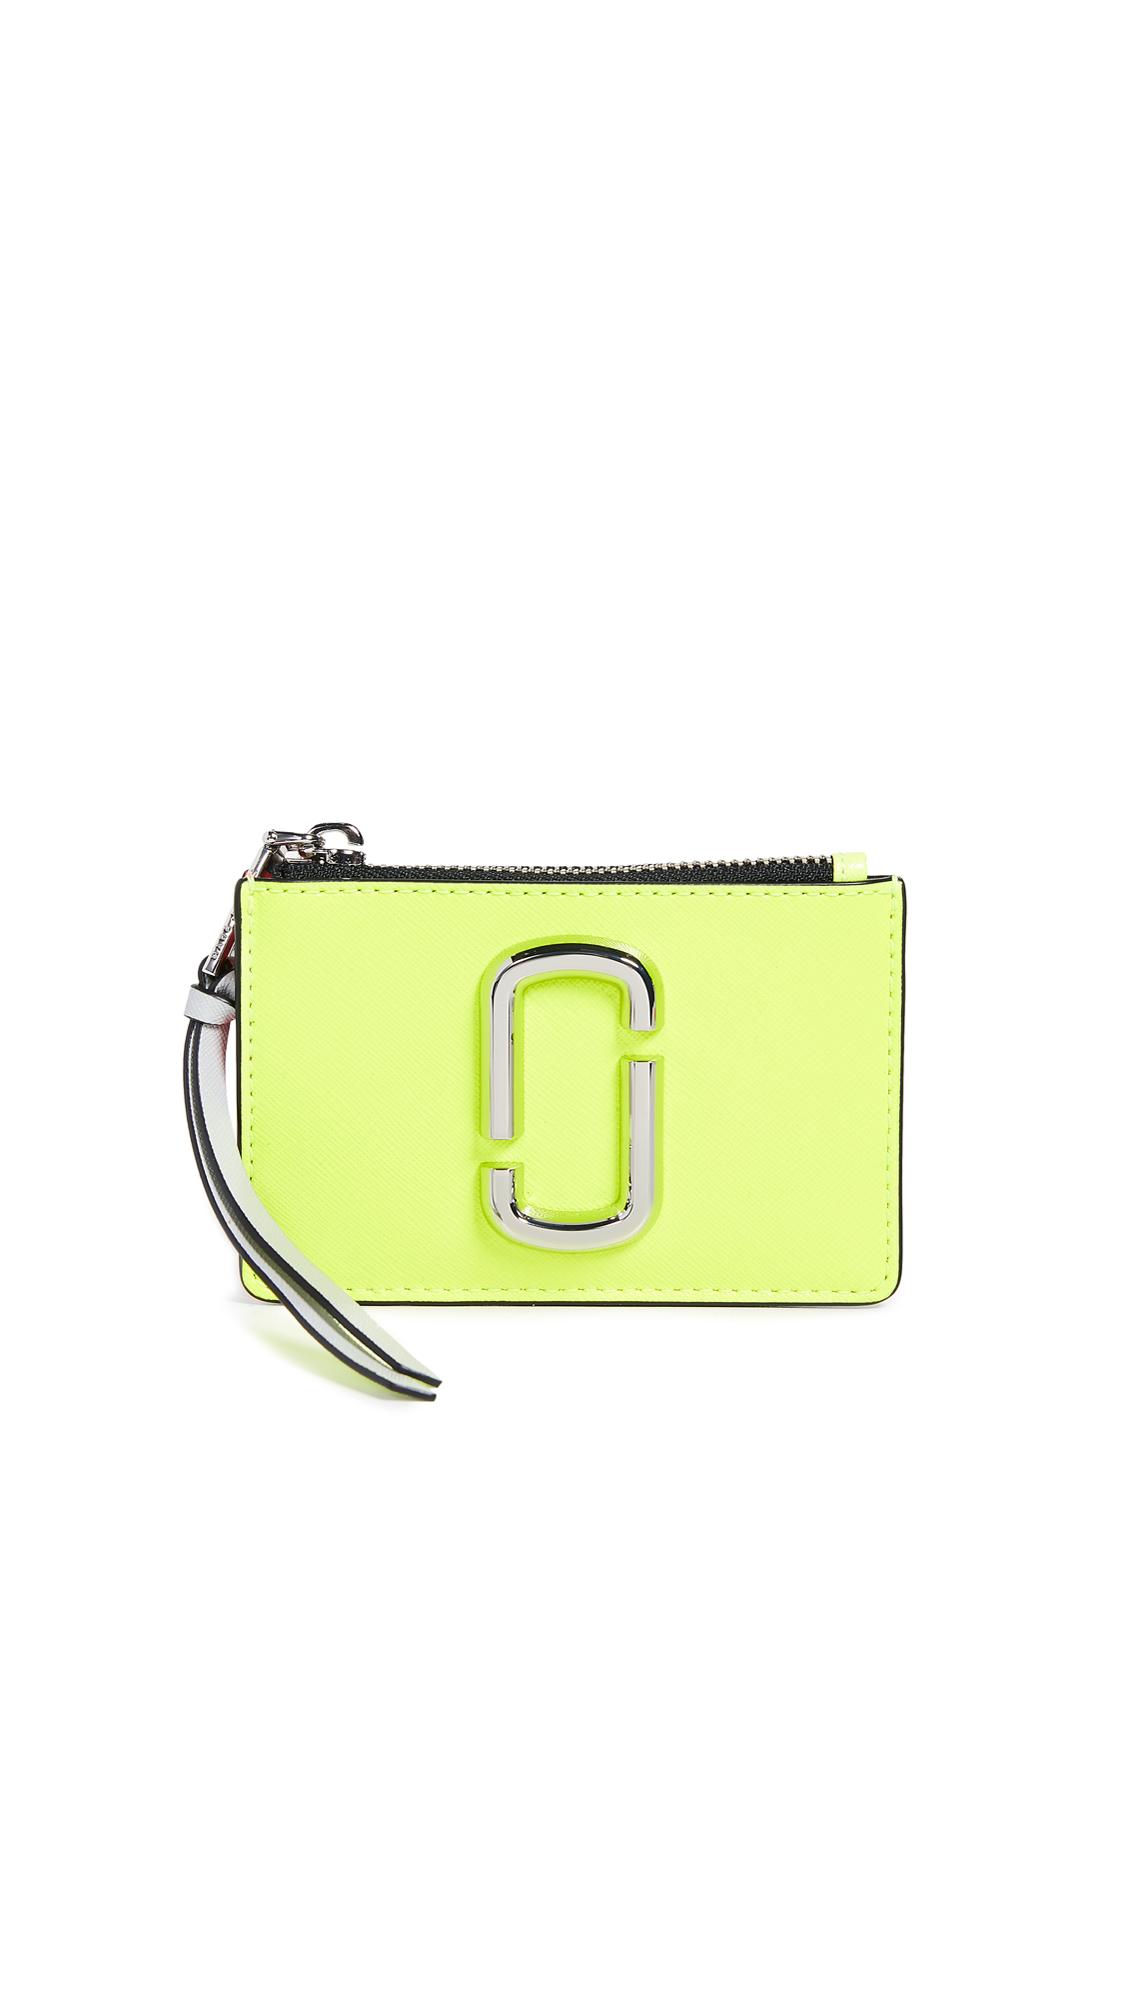 Marc Jacobs Snapshot Top Zip Multi Wallet - Yellow Multi